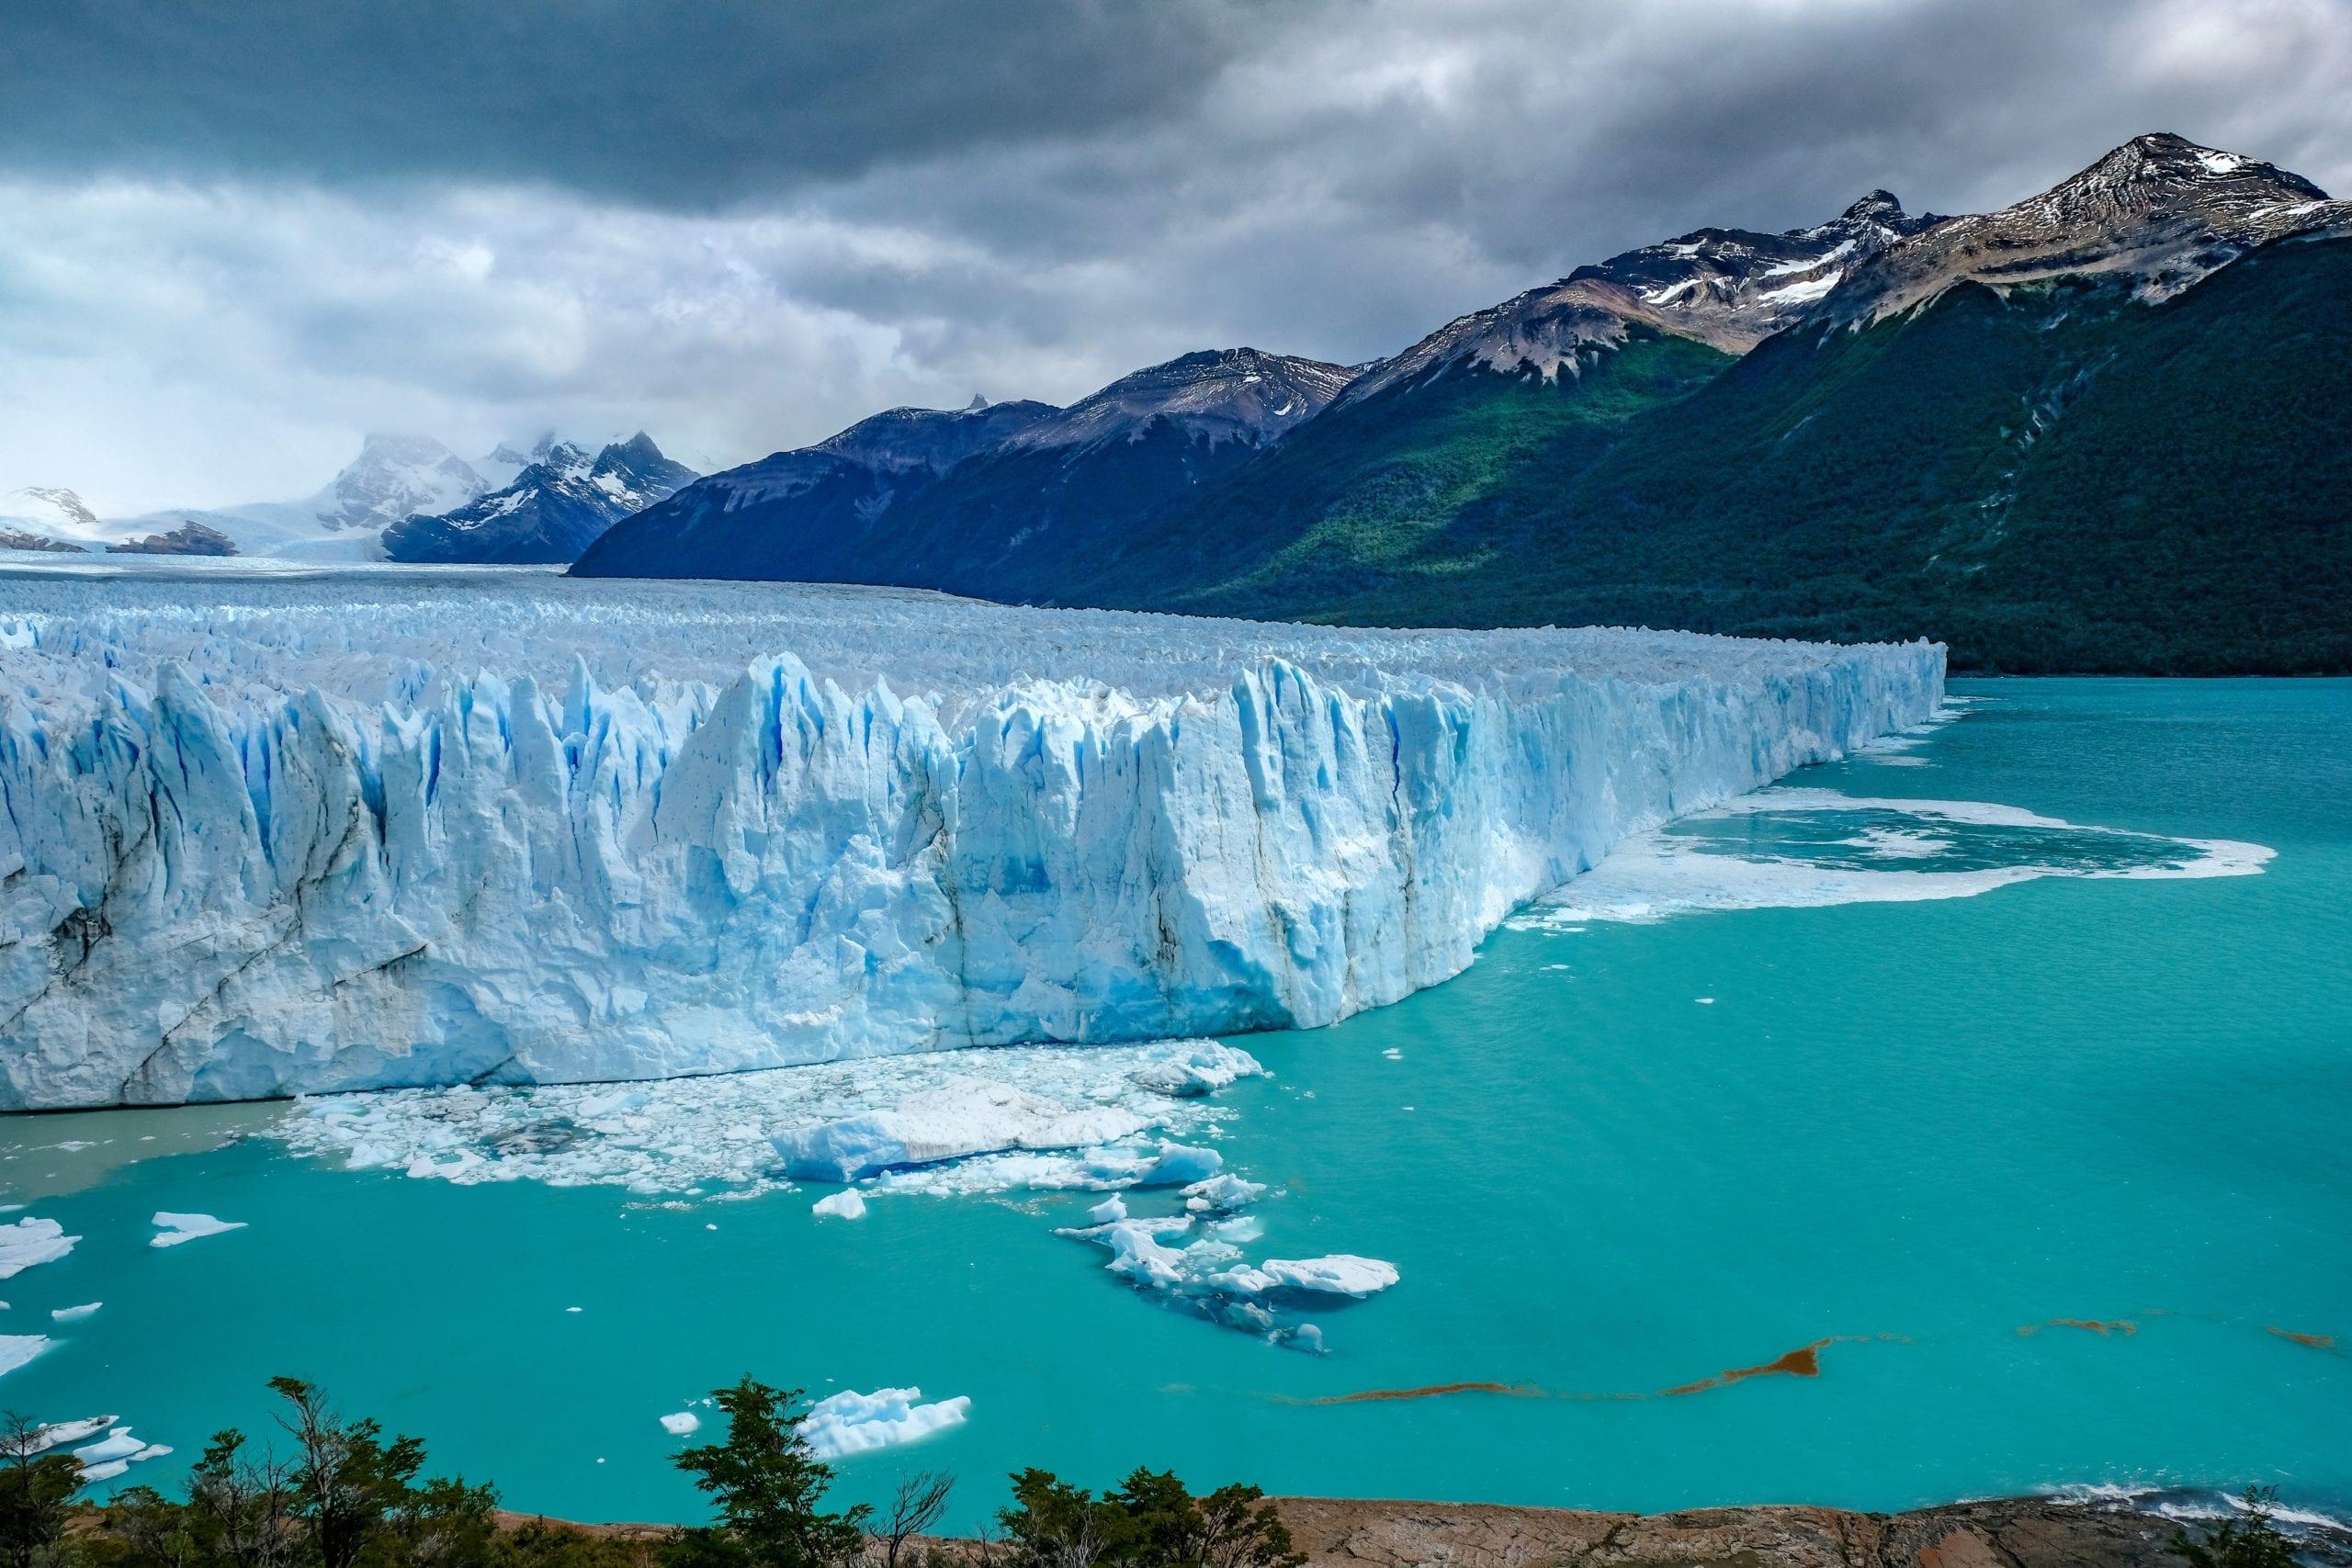 Patagonia in Los Glaciares National Park, Santa Cruz Province, Patagonia, Argentina